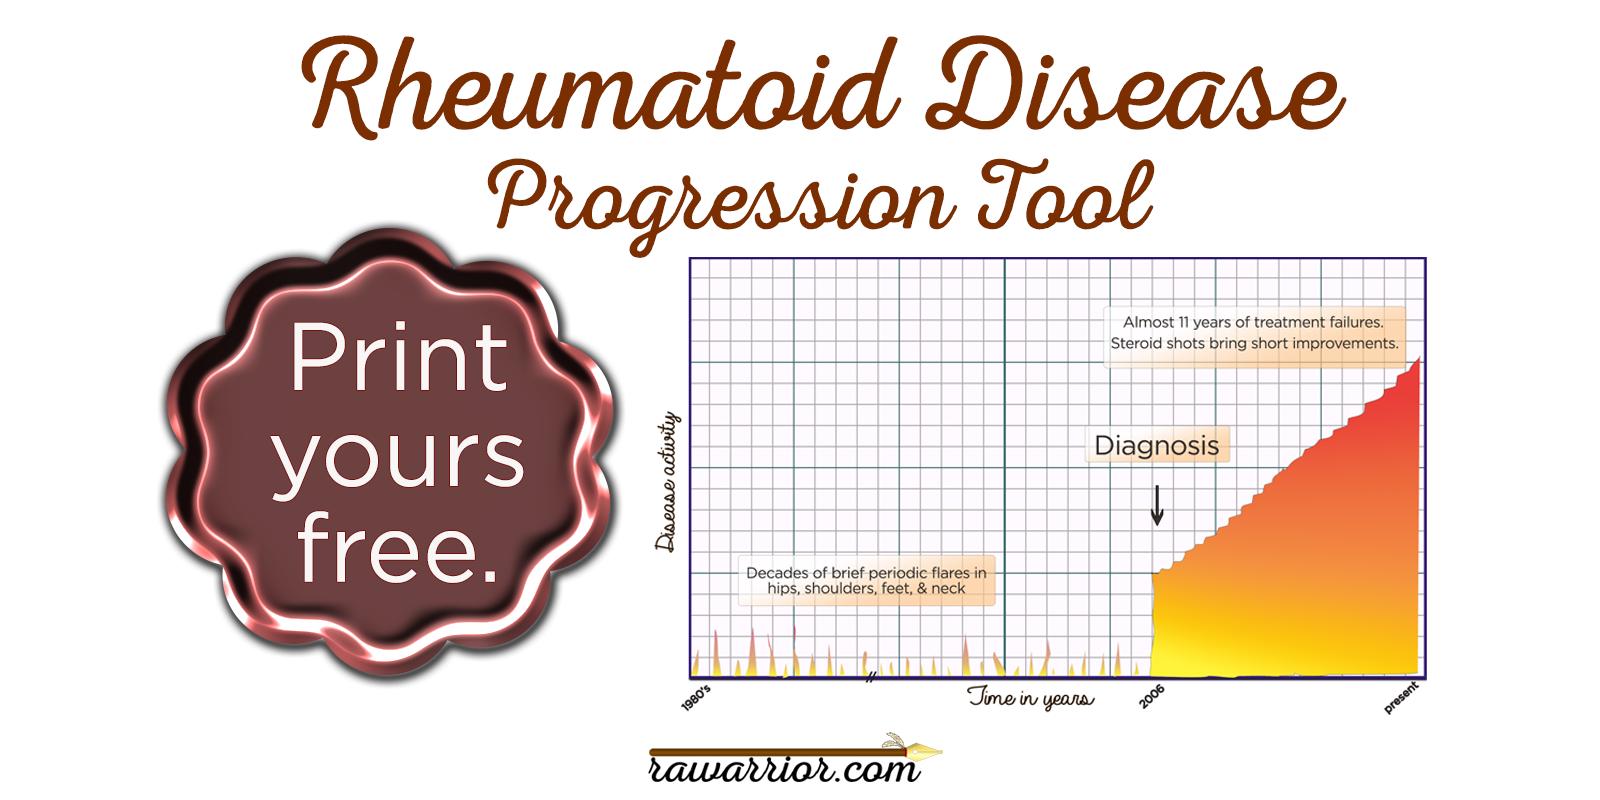 Rheumatoid Arthritis Progression